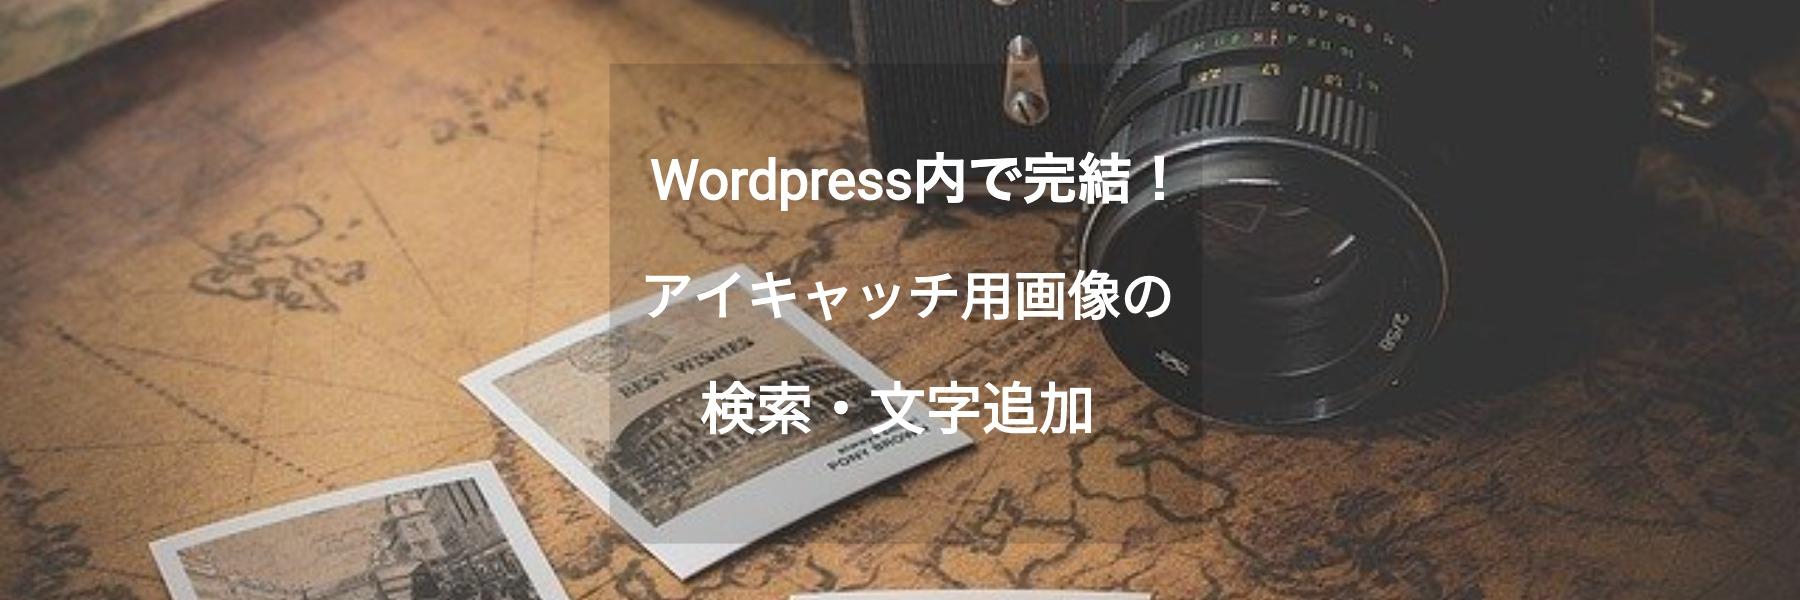 WordPress内でアイキャッチ画像を作成して公開するプラグイン